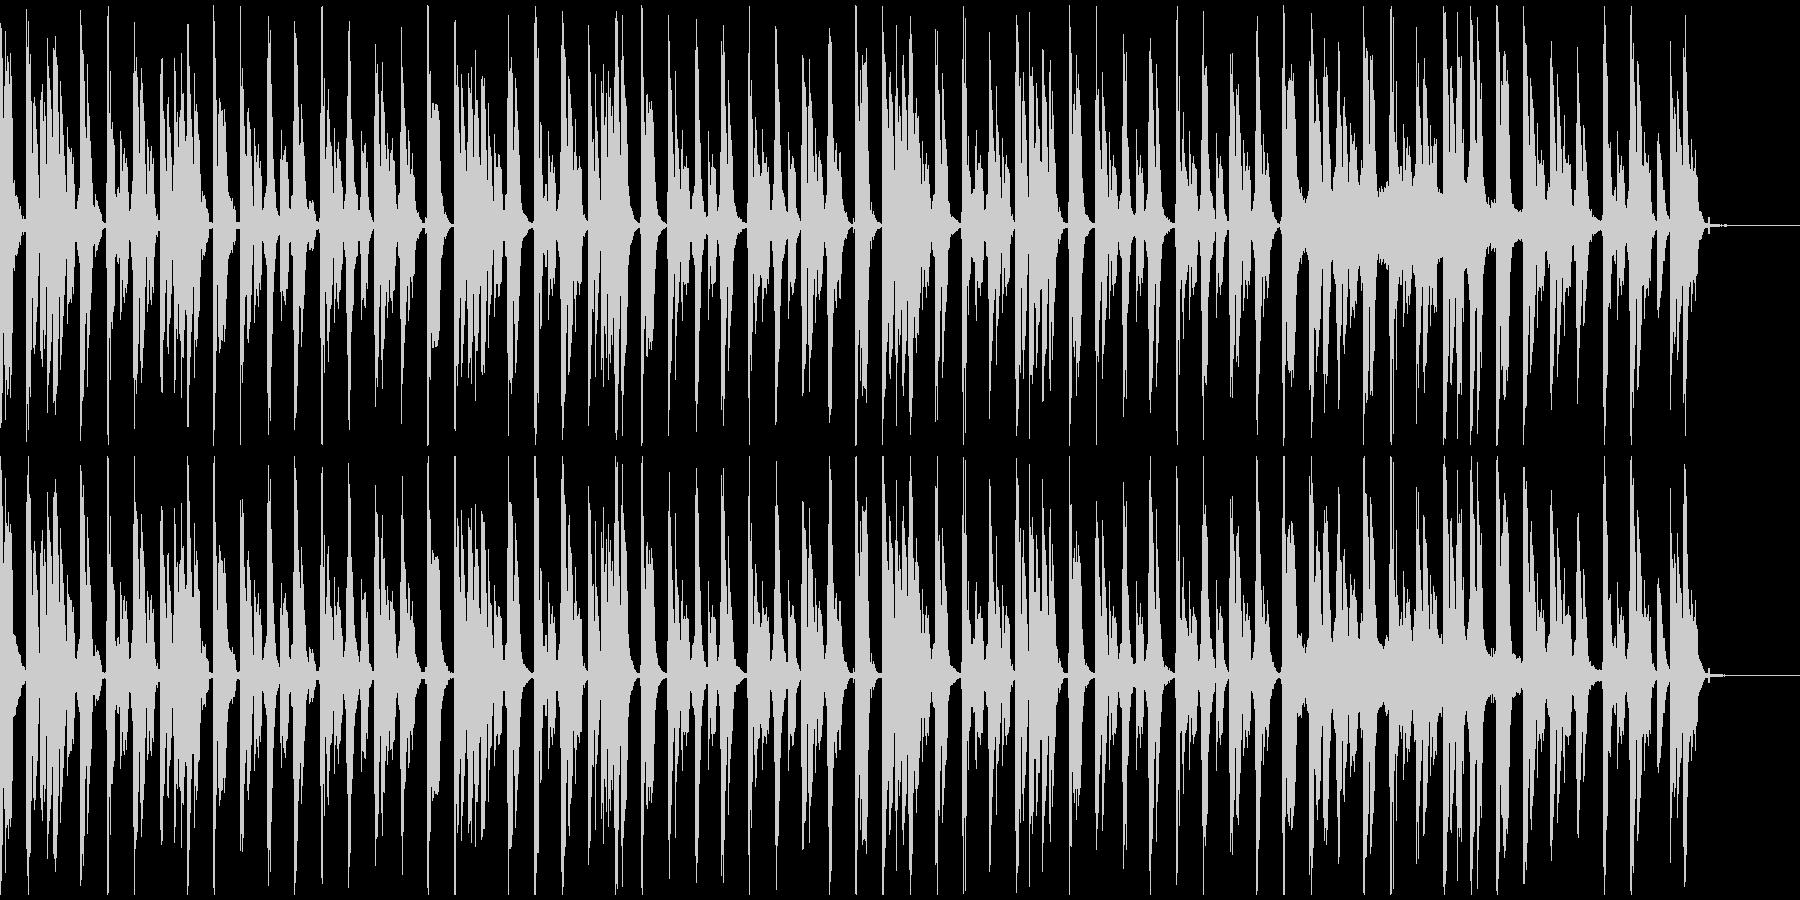 【エレクトロニカ】ロング5、ジングル1の未再生の波形